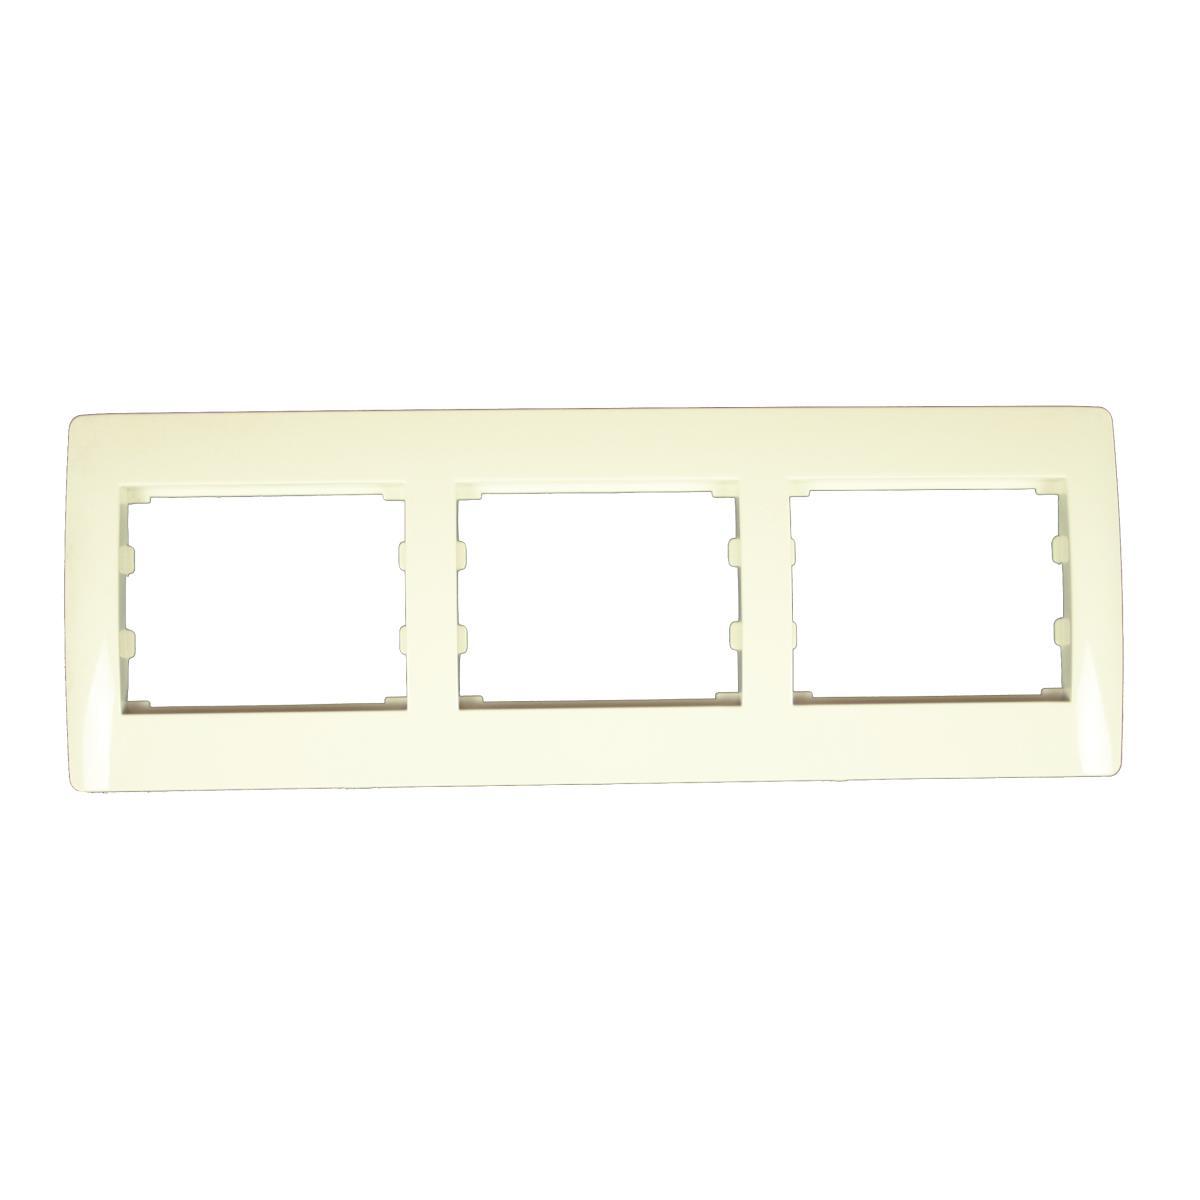 Dreifach 3-fach Rahmen Steckdose Schalter Lichtschalter creme weiß ...